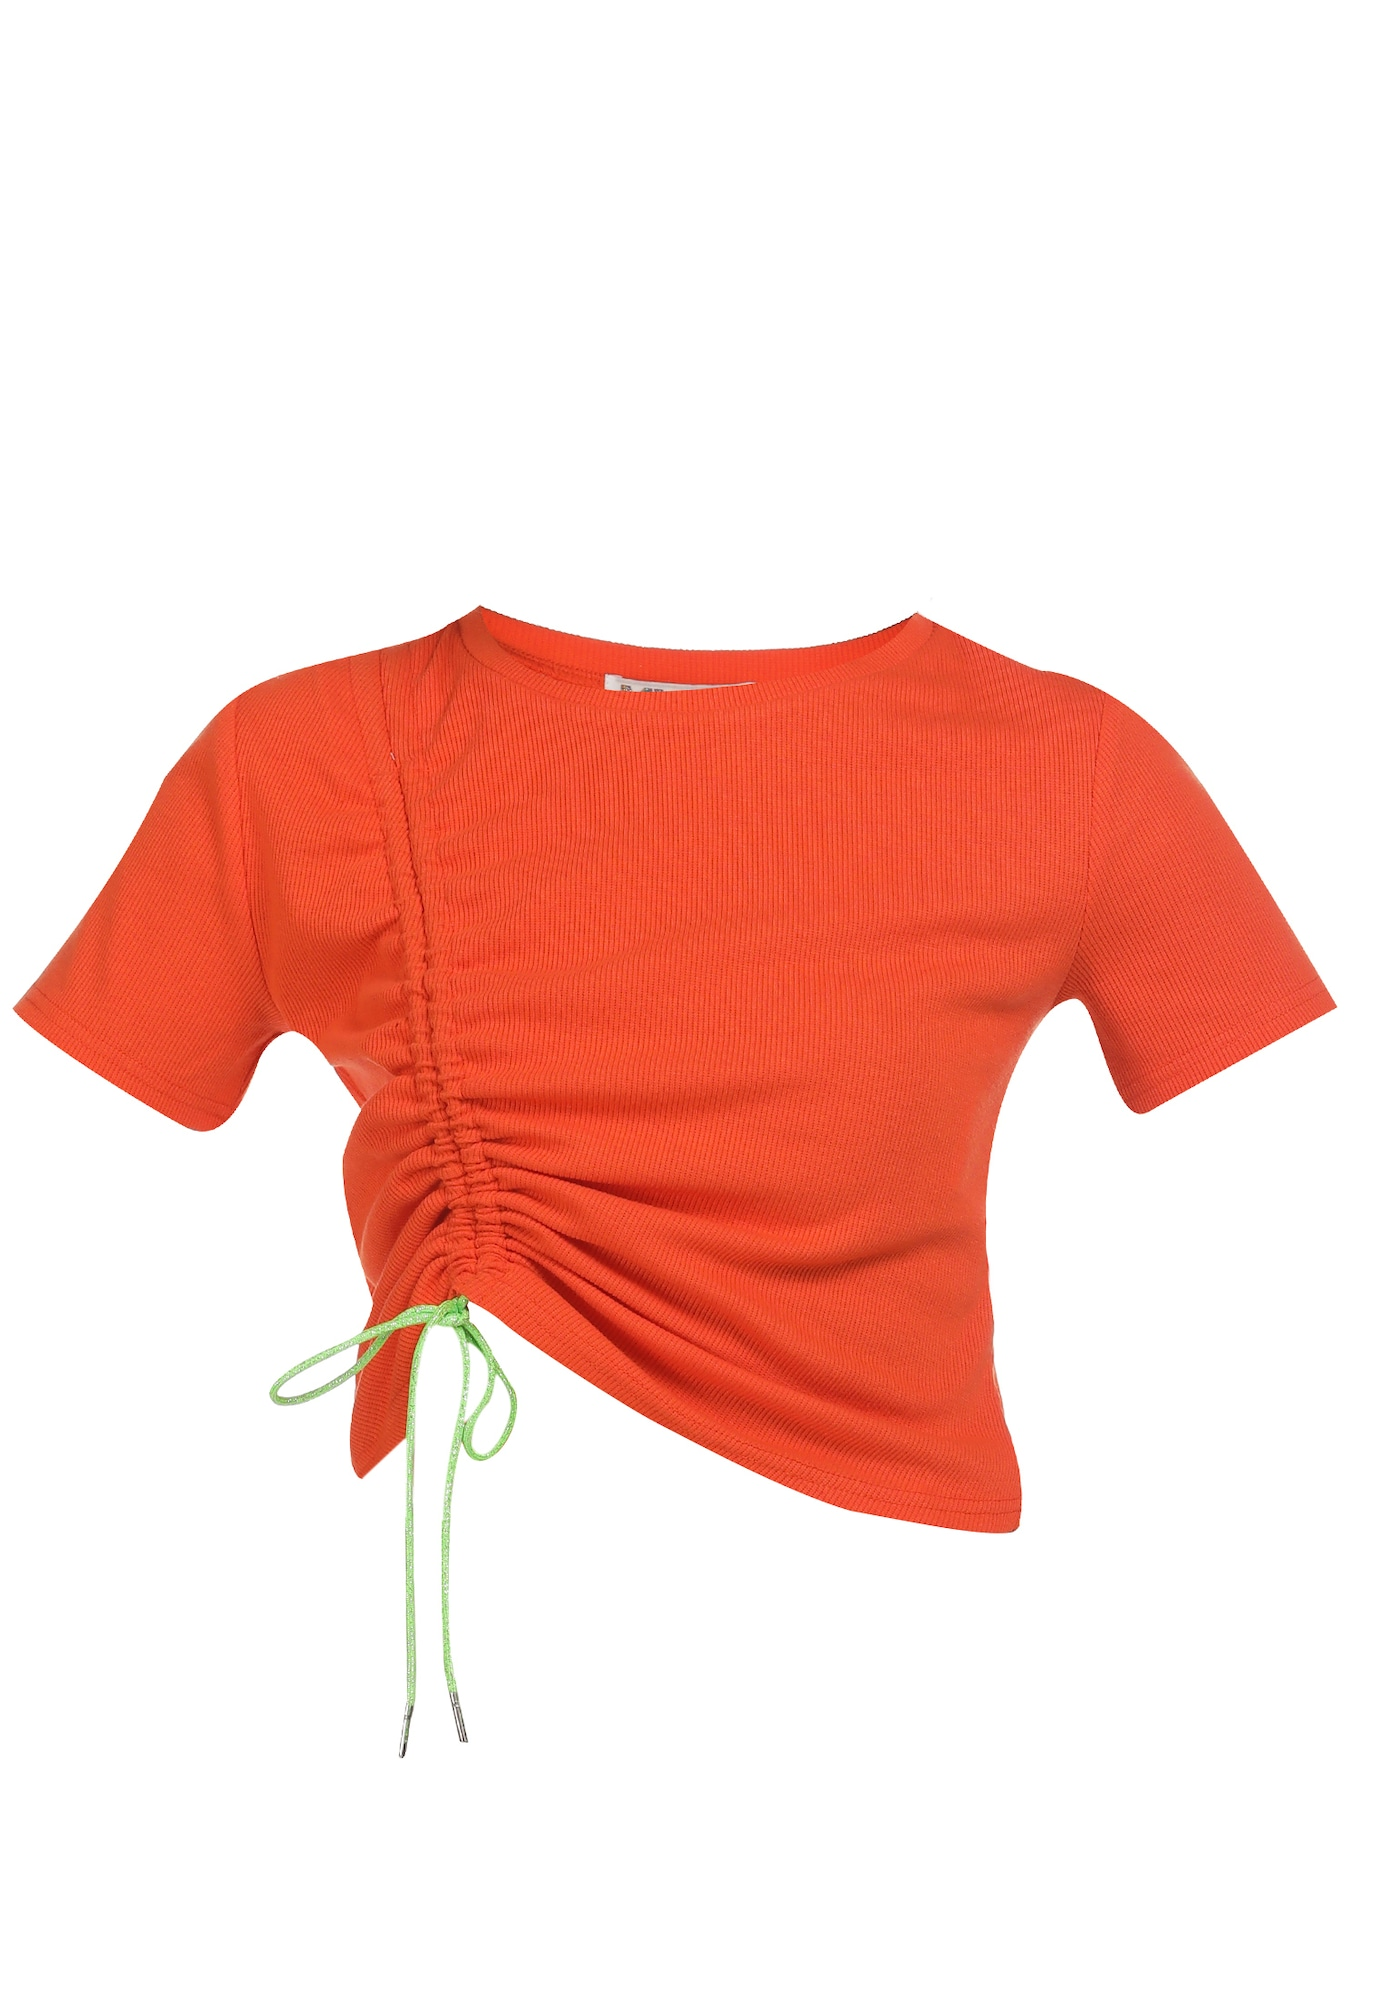 myMo ATHLSR Sportiniai marškinėliai kivių spalva / oranžinė-raudona